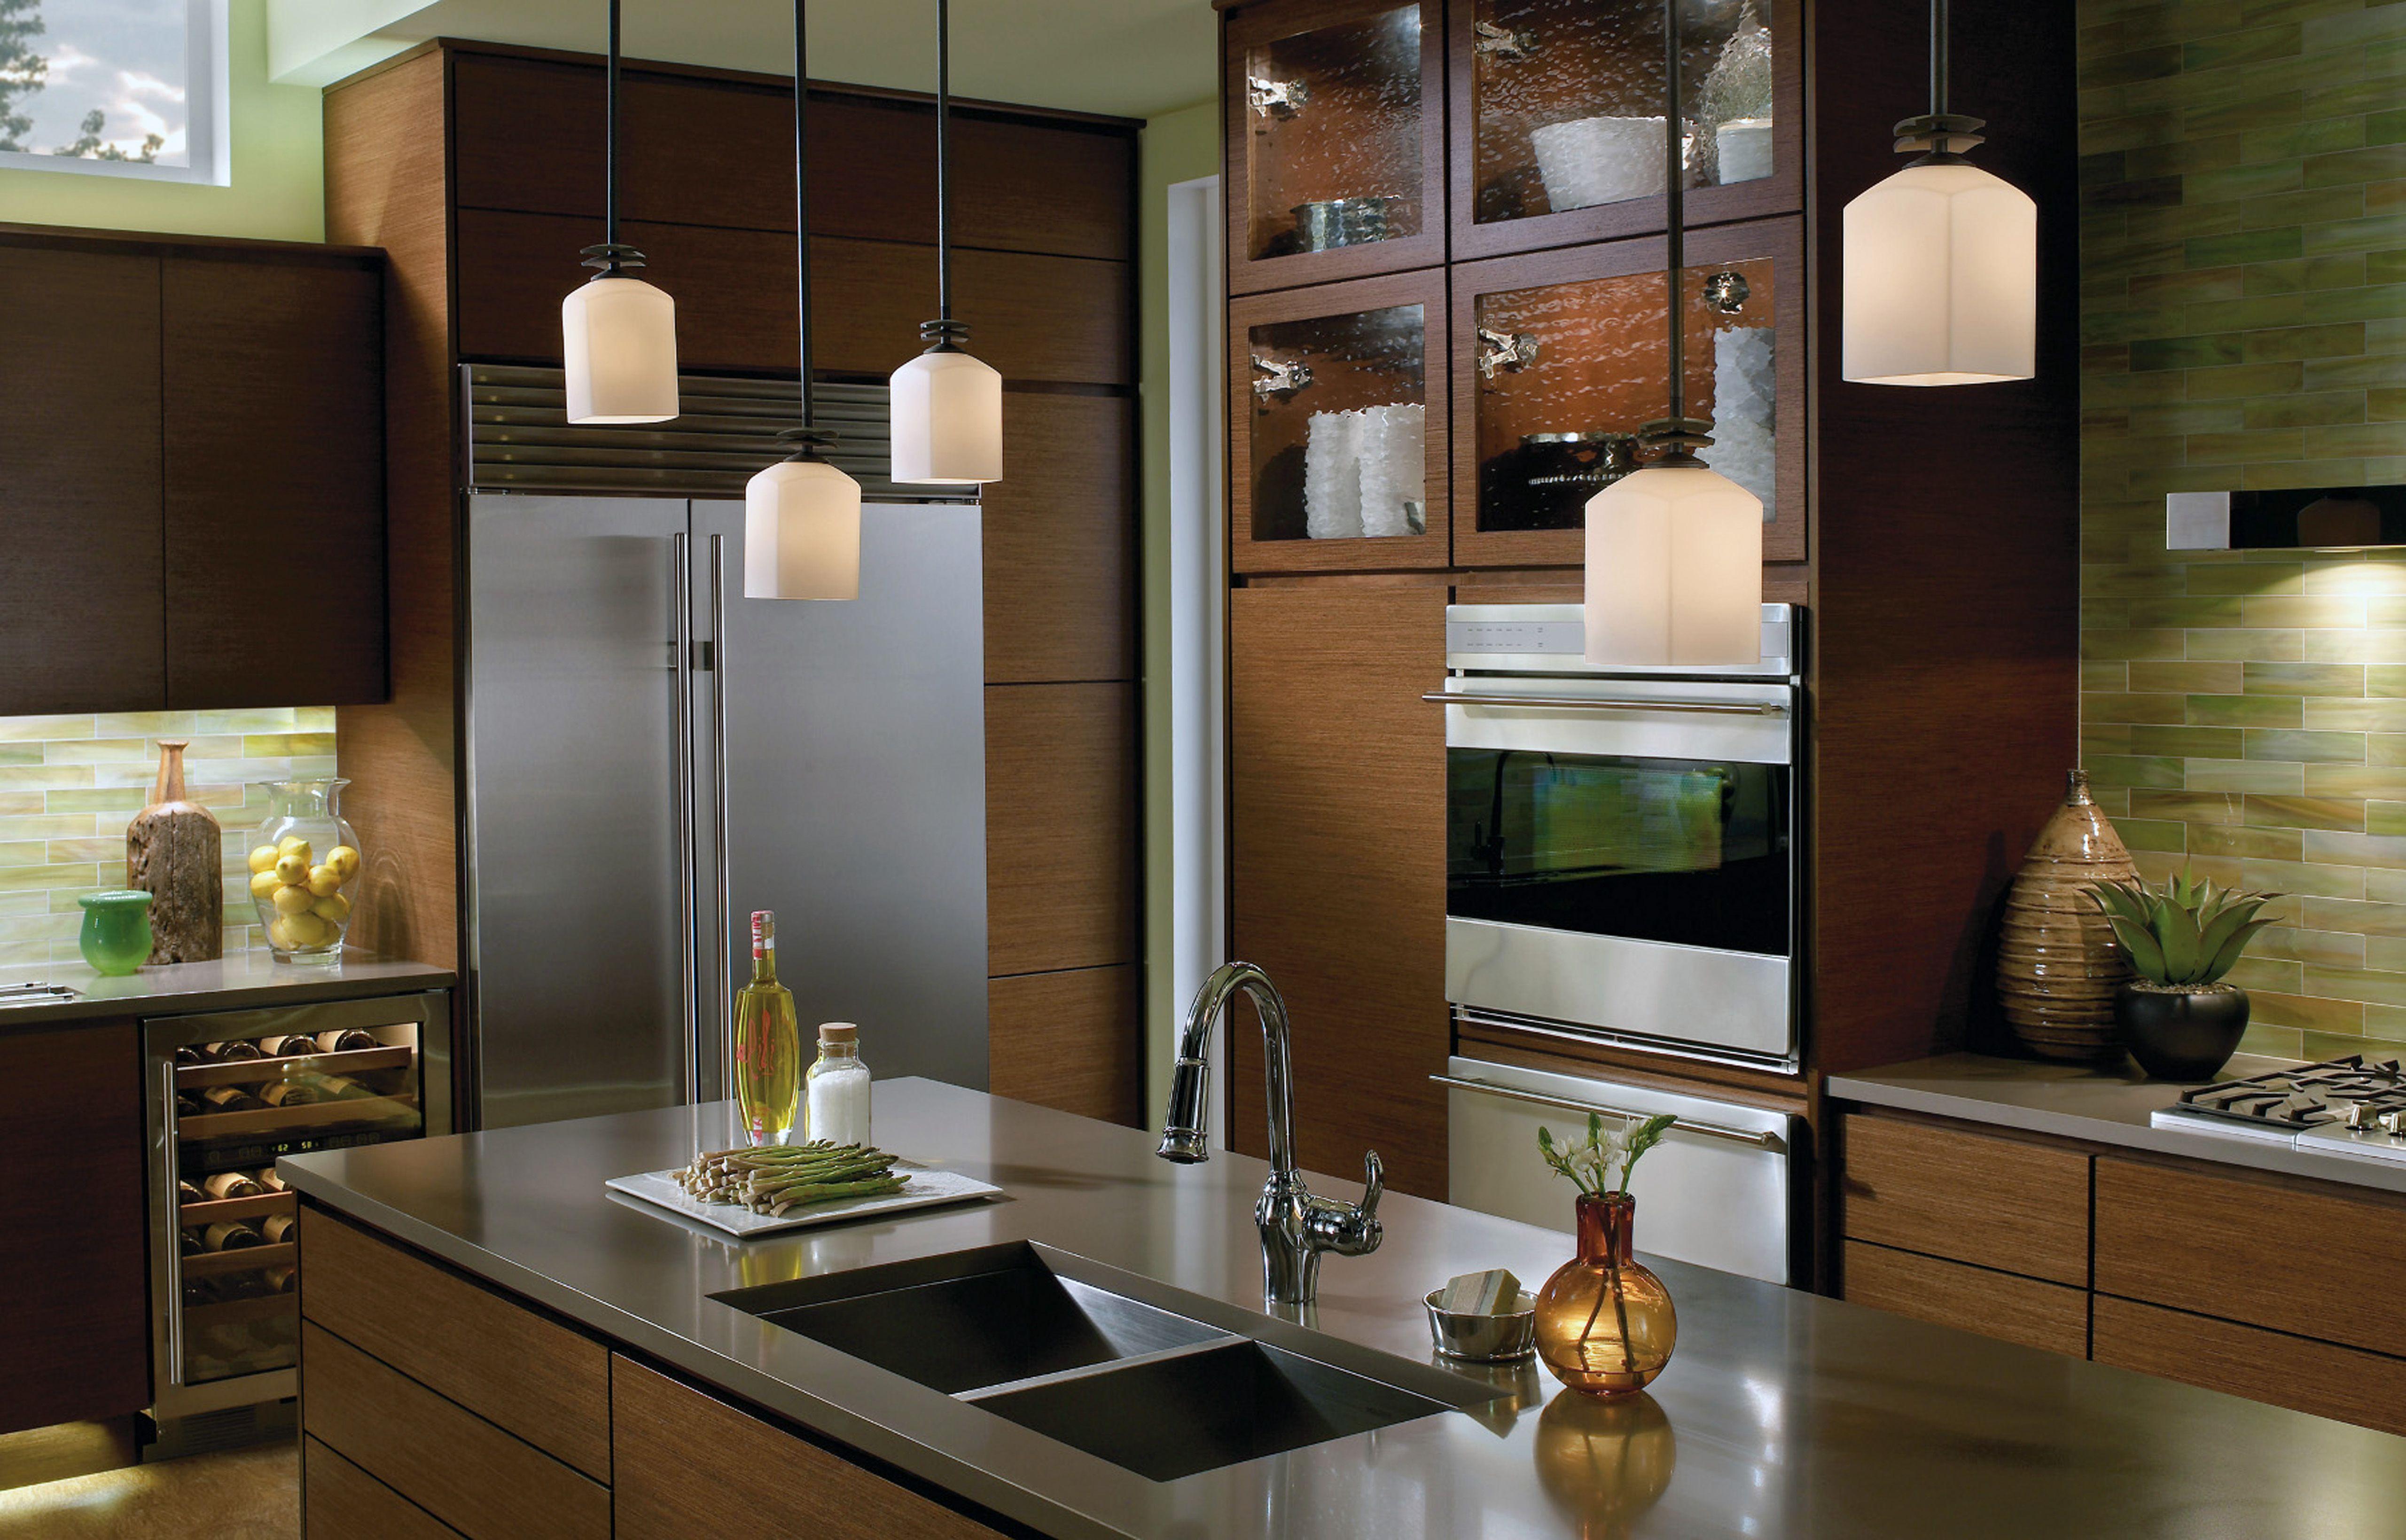 Kitchen Minimalis Modern Wooden Kitchen Ideas Brown Varnished Wooden Kitchen Island Stainless Steel Counter